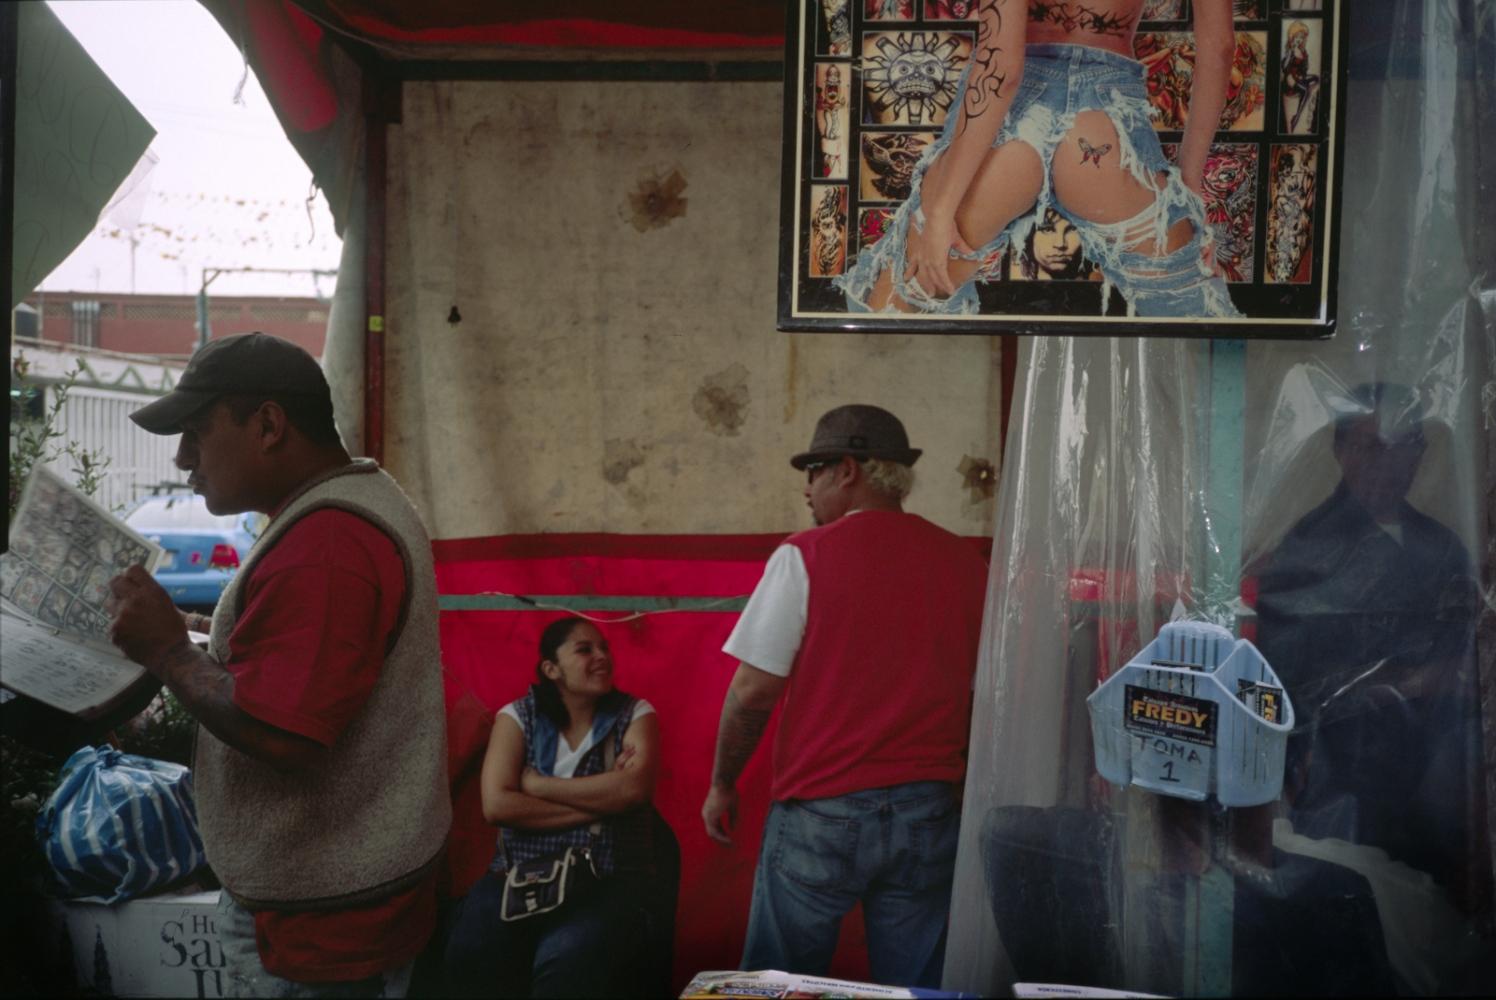 Mercado de Villa Azcapozalco, Mexico, D.F. ©Sylvia de Swaan